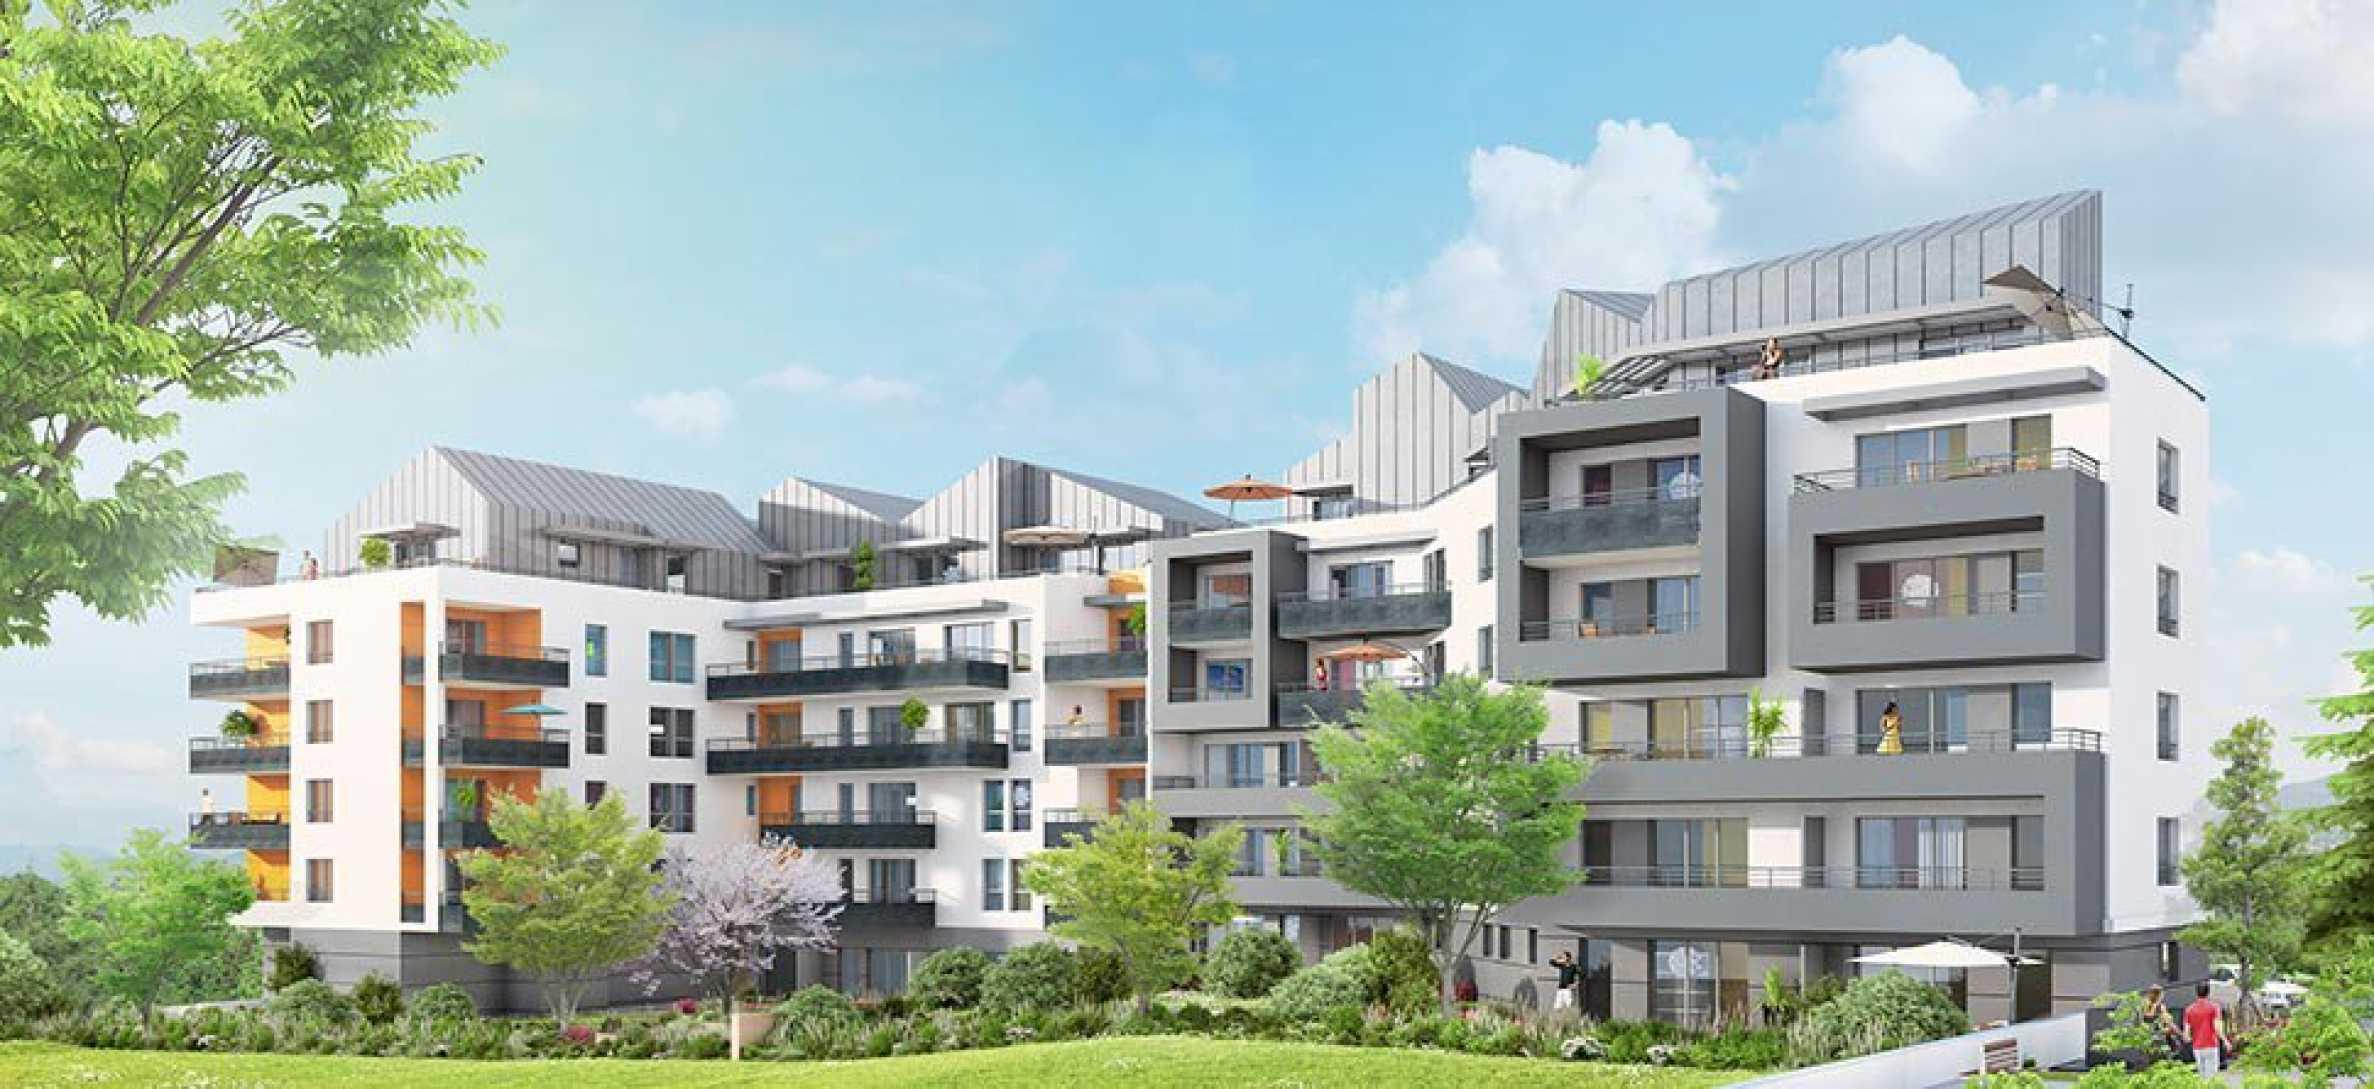 Нов жилищен комплекс до планина във френски град до Женева1 - Stonehard